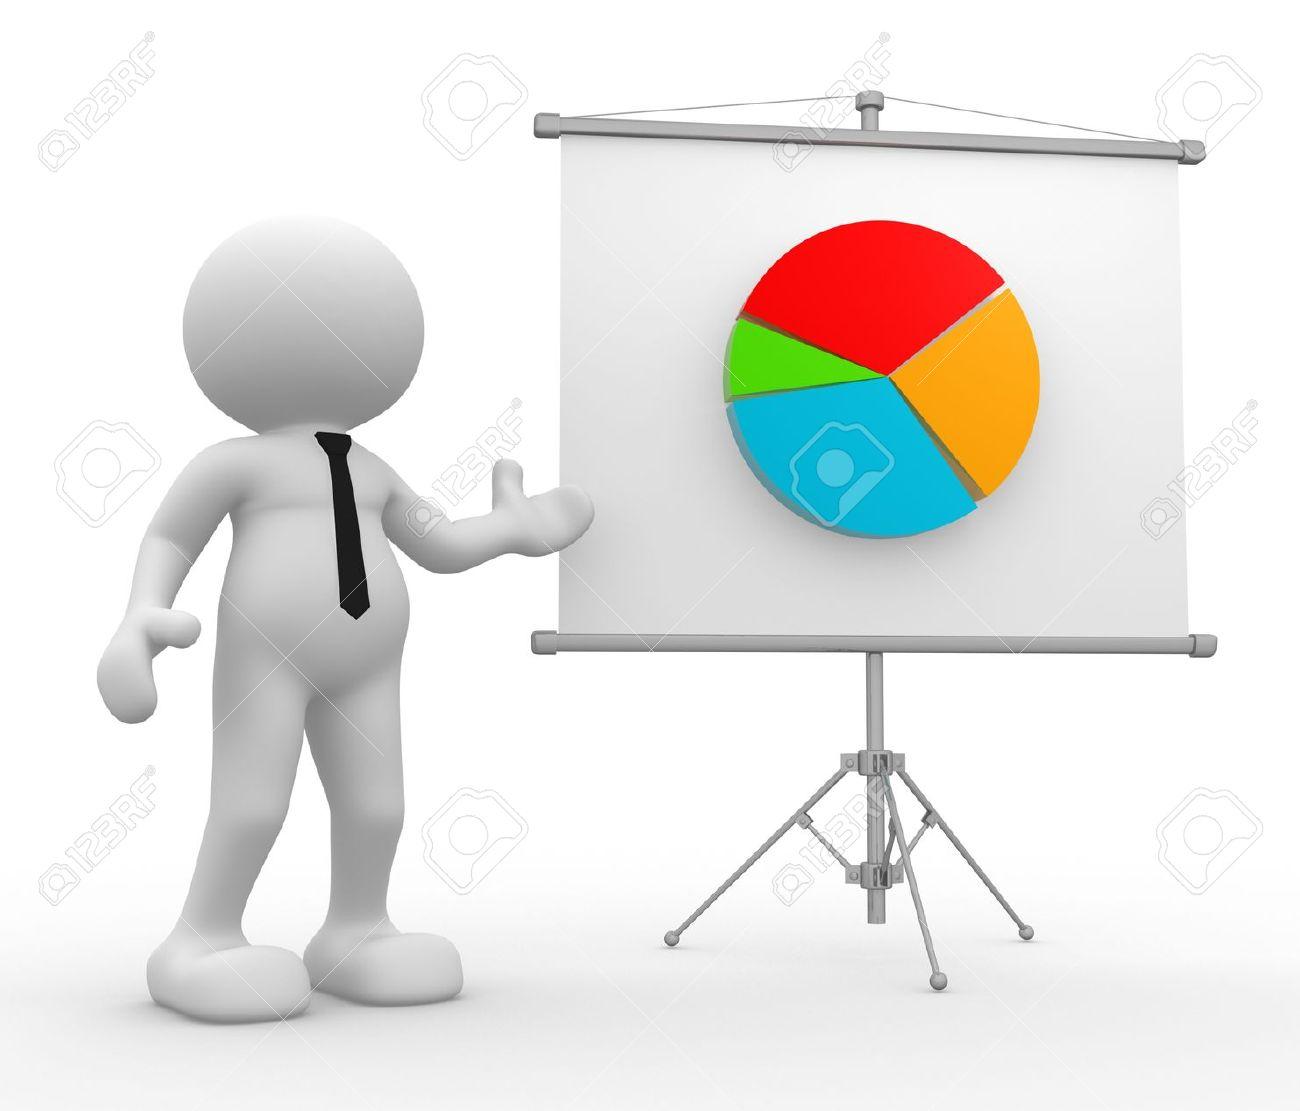 Bonhomme Graphique 3d personnes - homme, personne présente graphique financier. banque